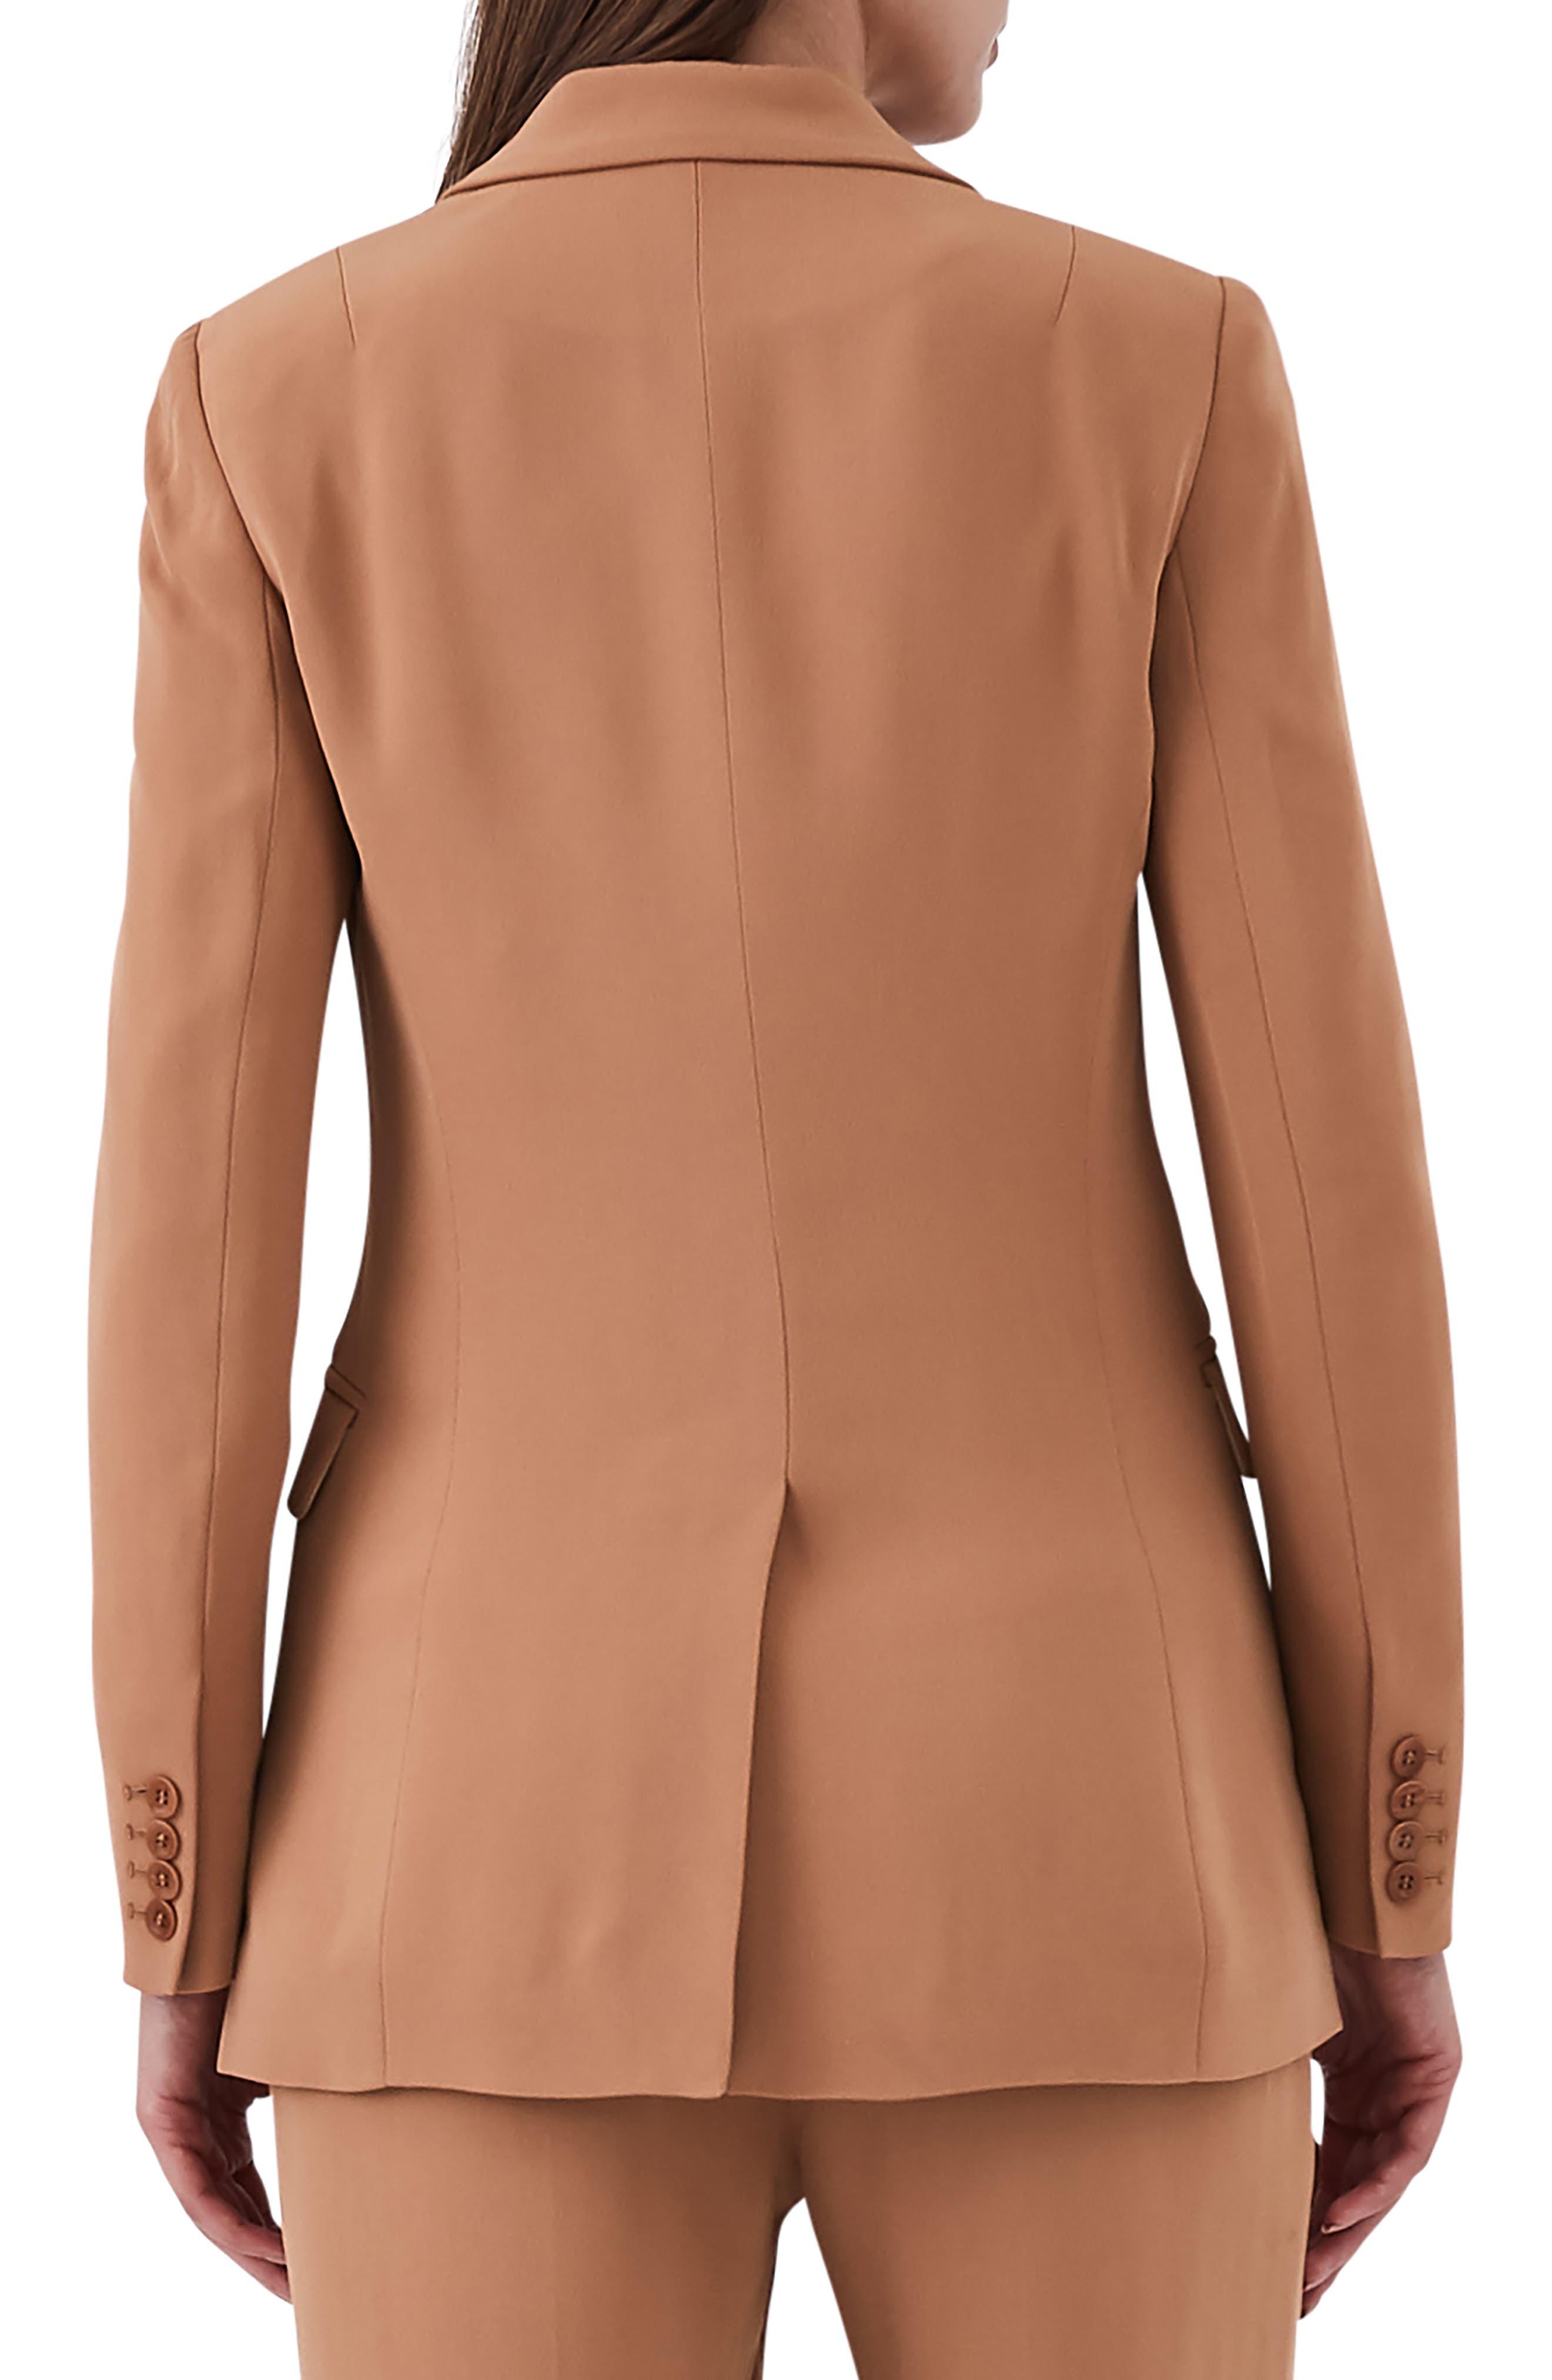 Nuria Suit Jacket,                             Alternate thumbnail 2, color,                             800